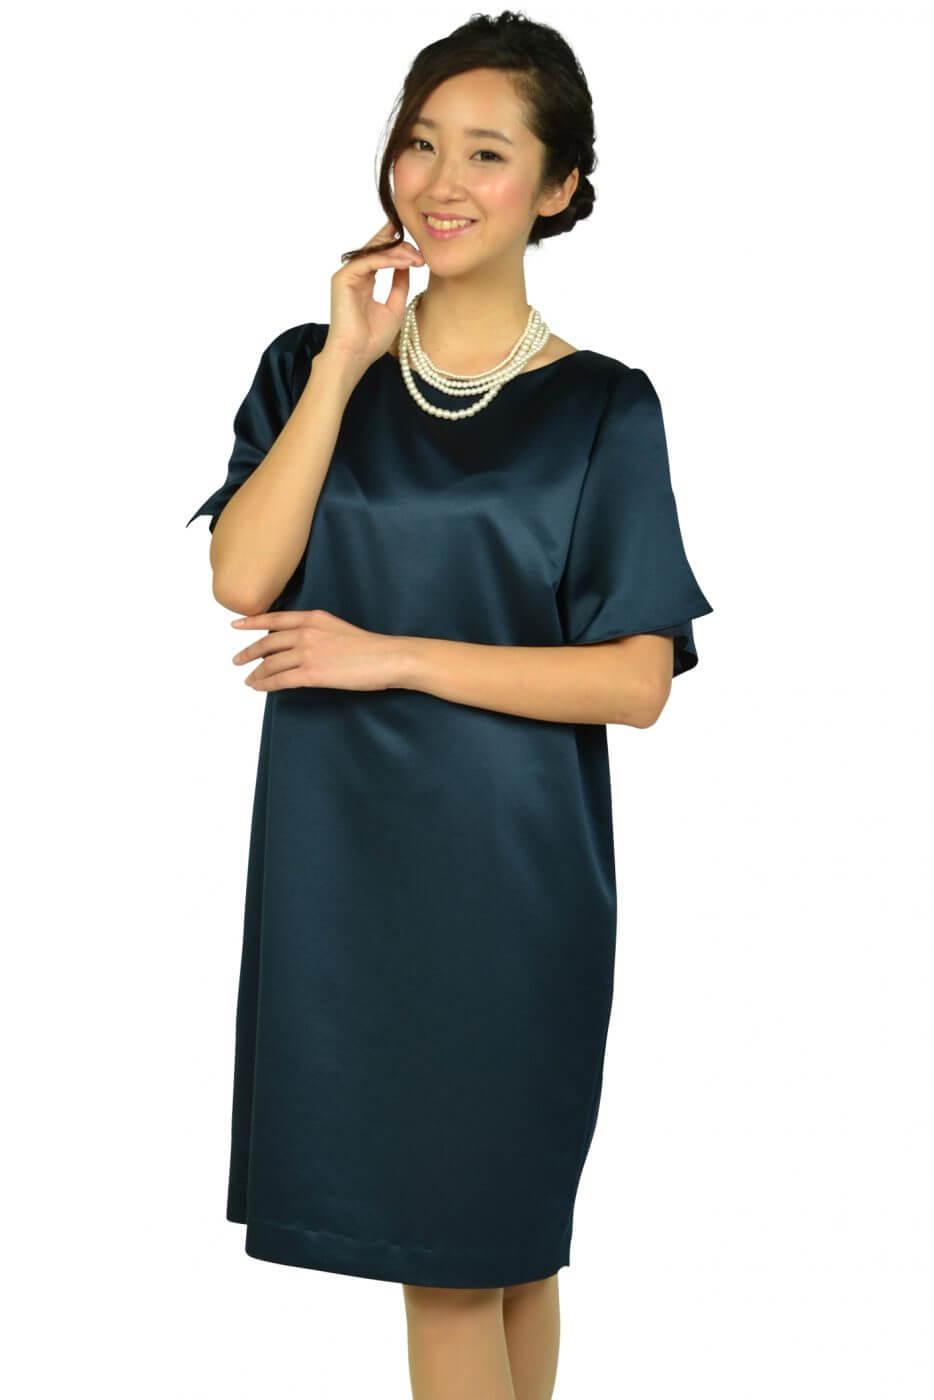 アンタイトル(UNTITLED)光沢ネイビーゆったりドレス